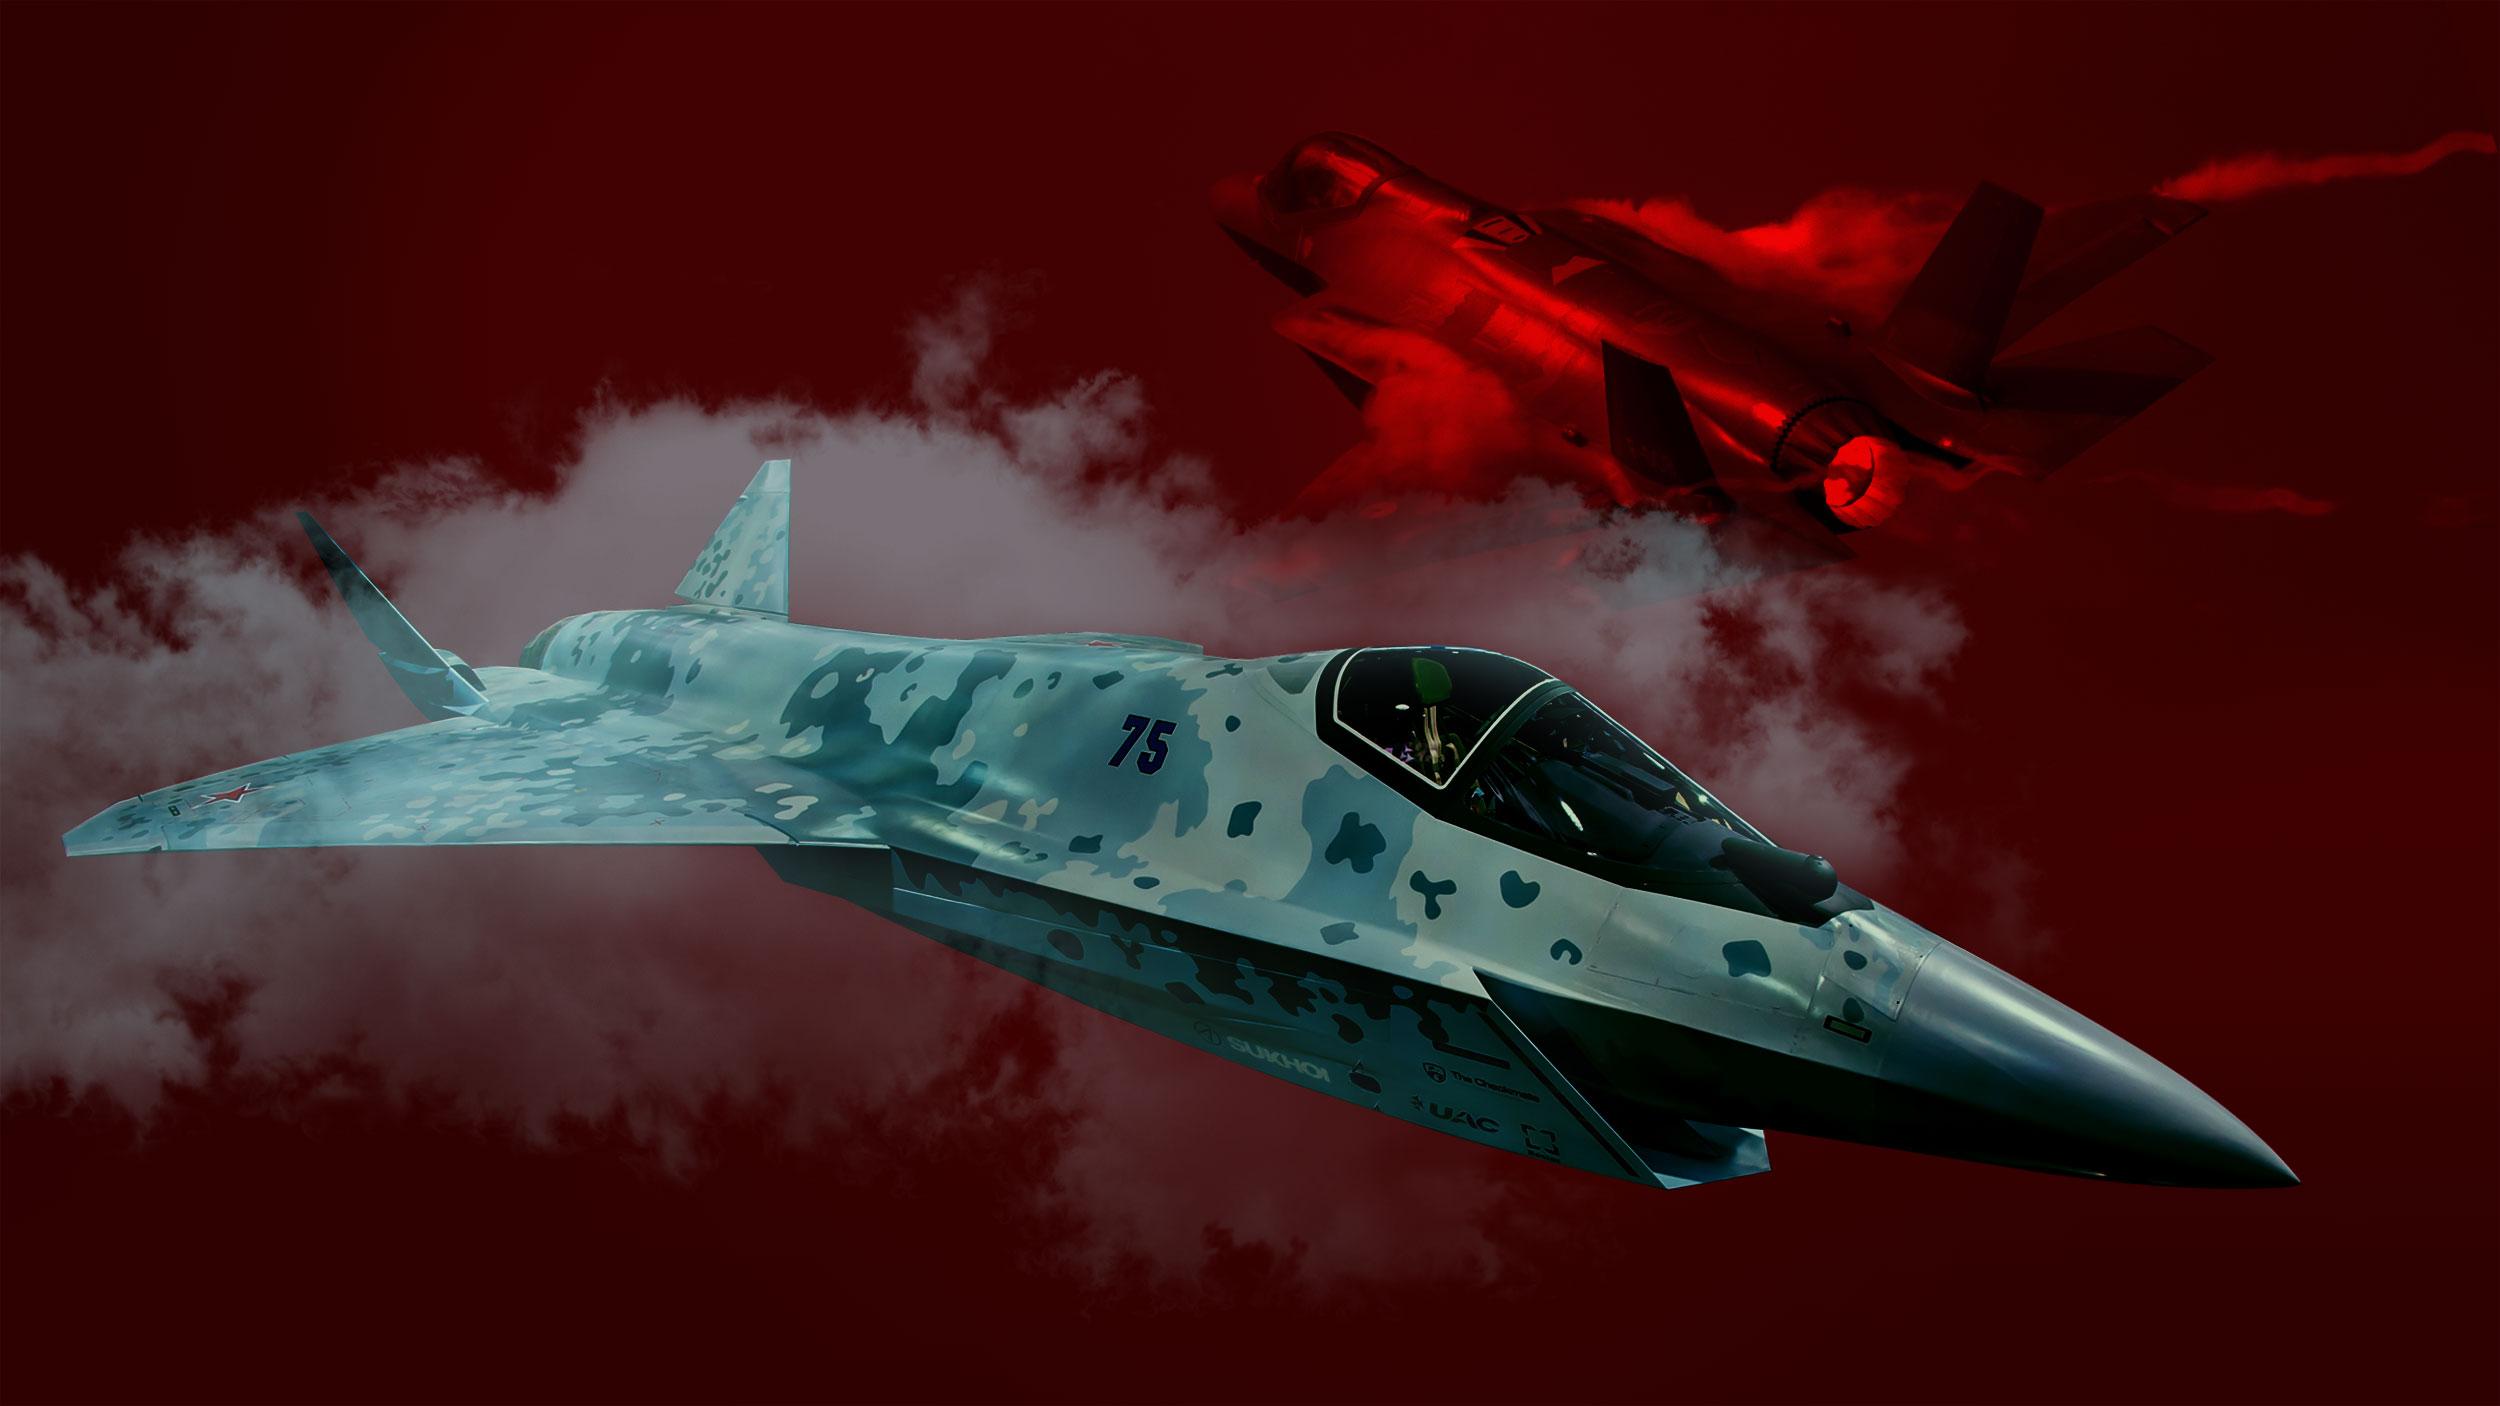 Шах и мат: Новый Су-75 может 'убить' продажи истребителей США и НАТО